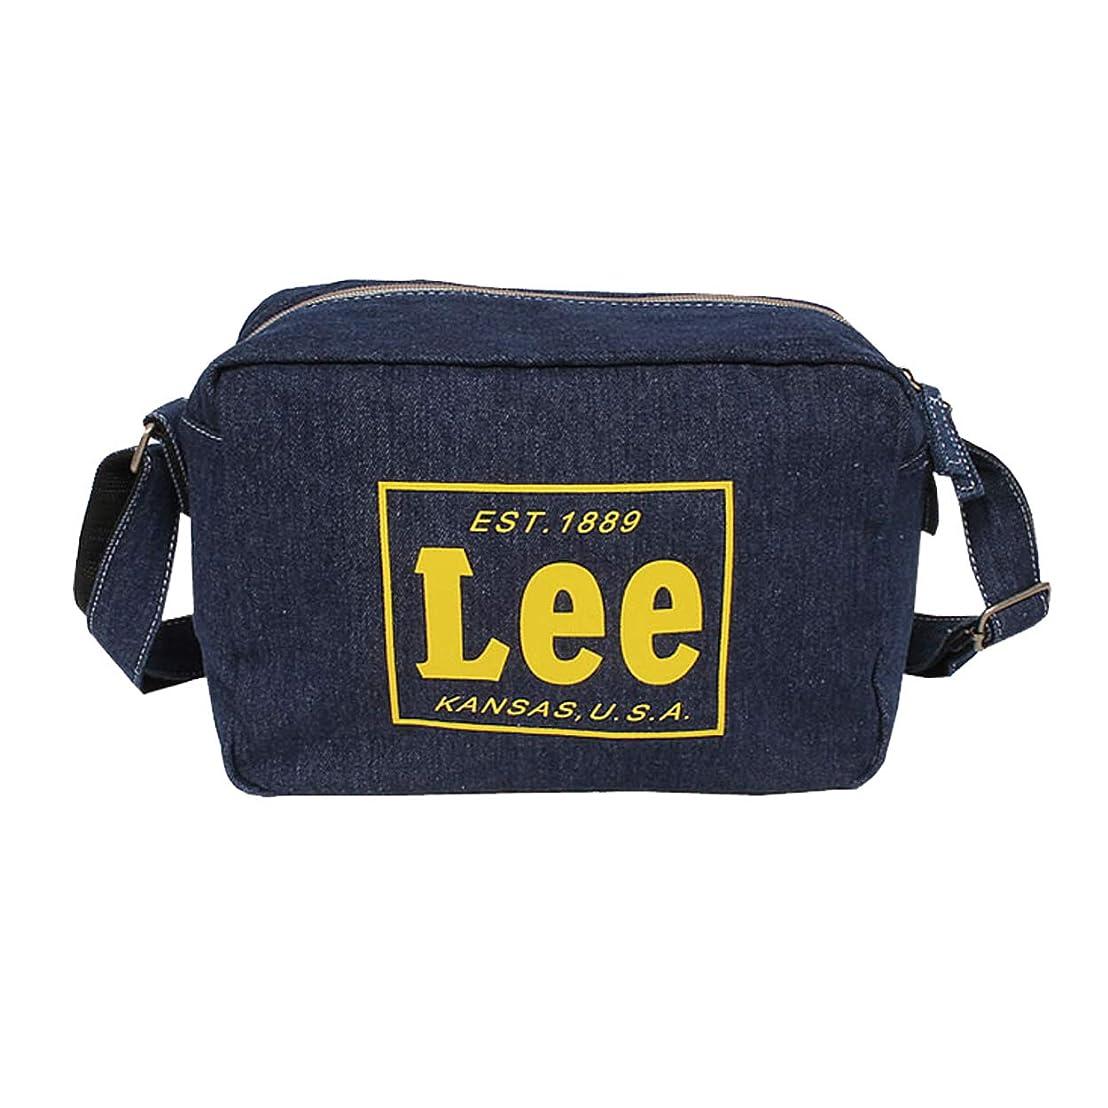 メタリックはがきめまい取寄品リー Lee 幼稚園バッグ ショルダーバッグ ミニショルダー 子供用 キッズ用 デニム 0427037